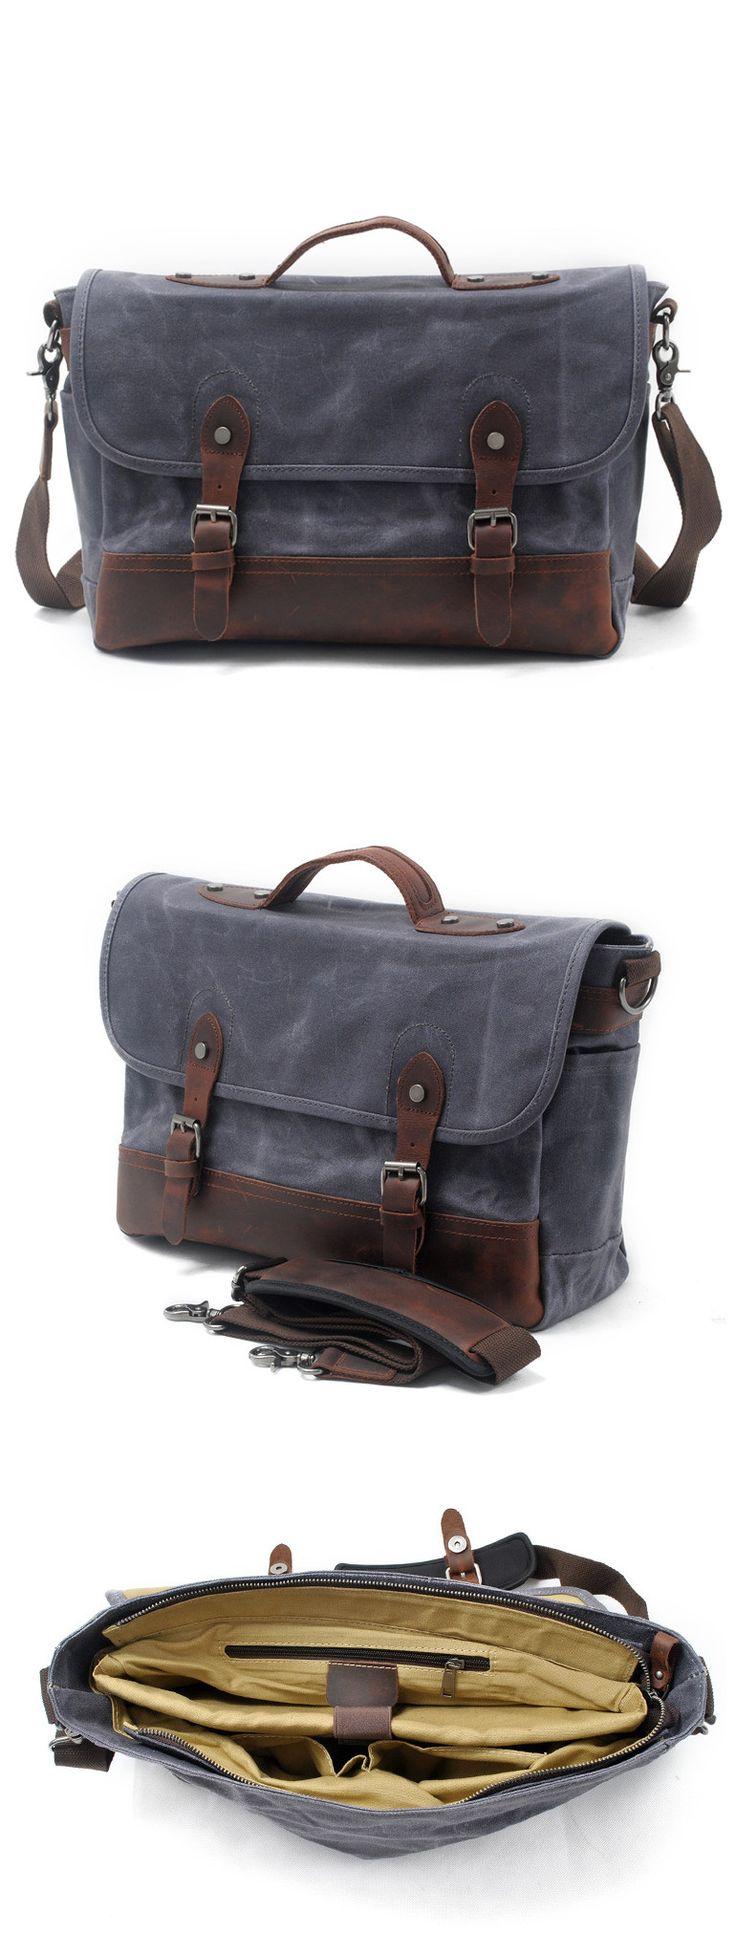 Waxed Canvas Leather Laptop Messenger Bag Satchel Briefcase Men